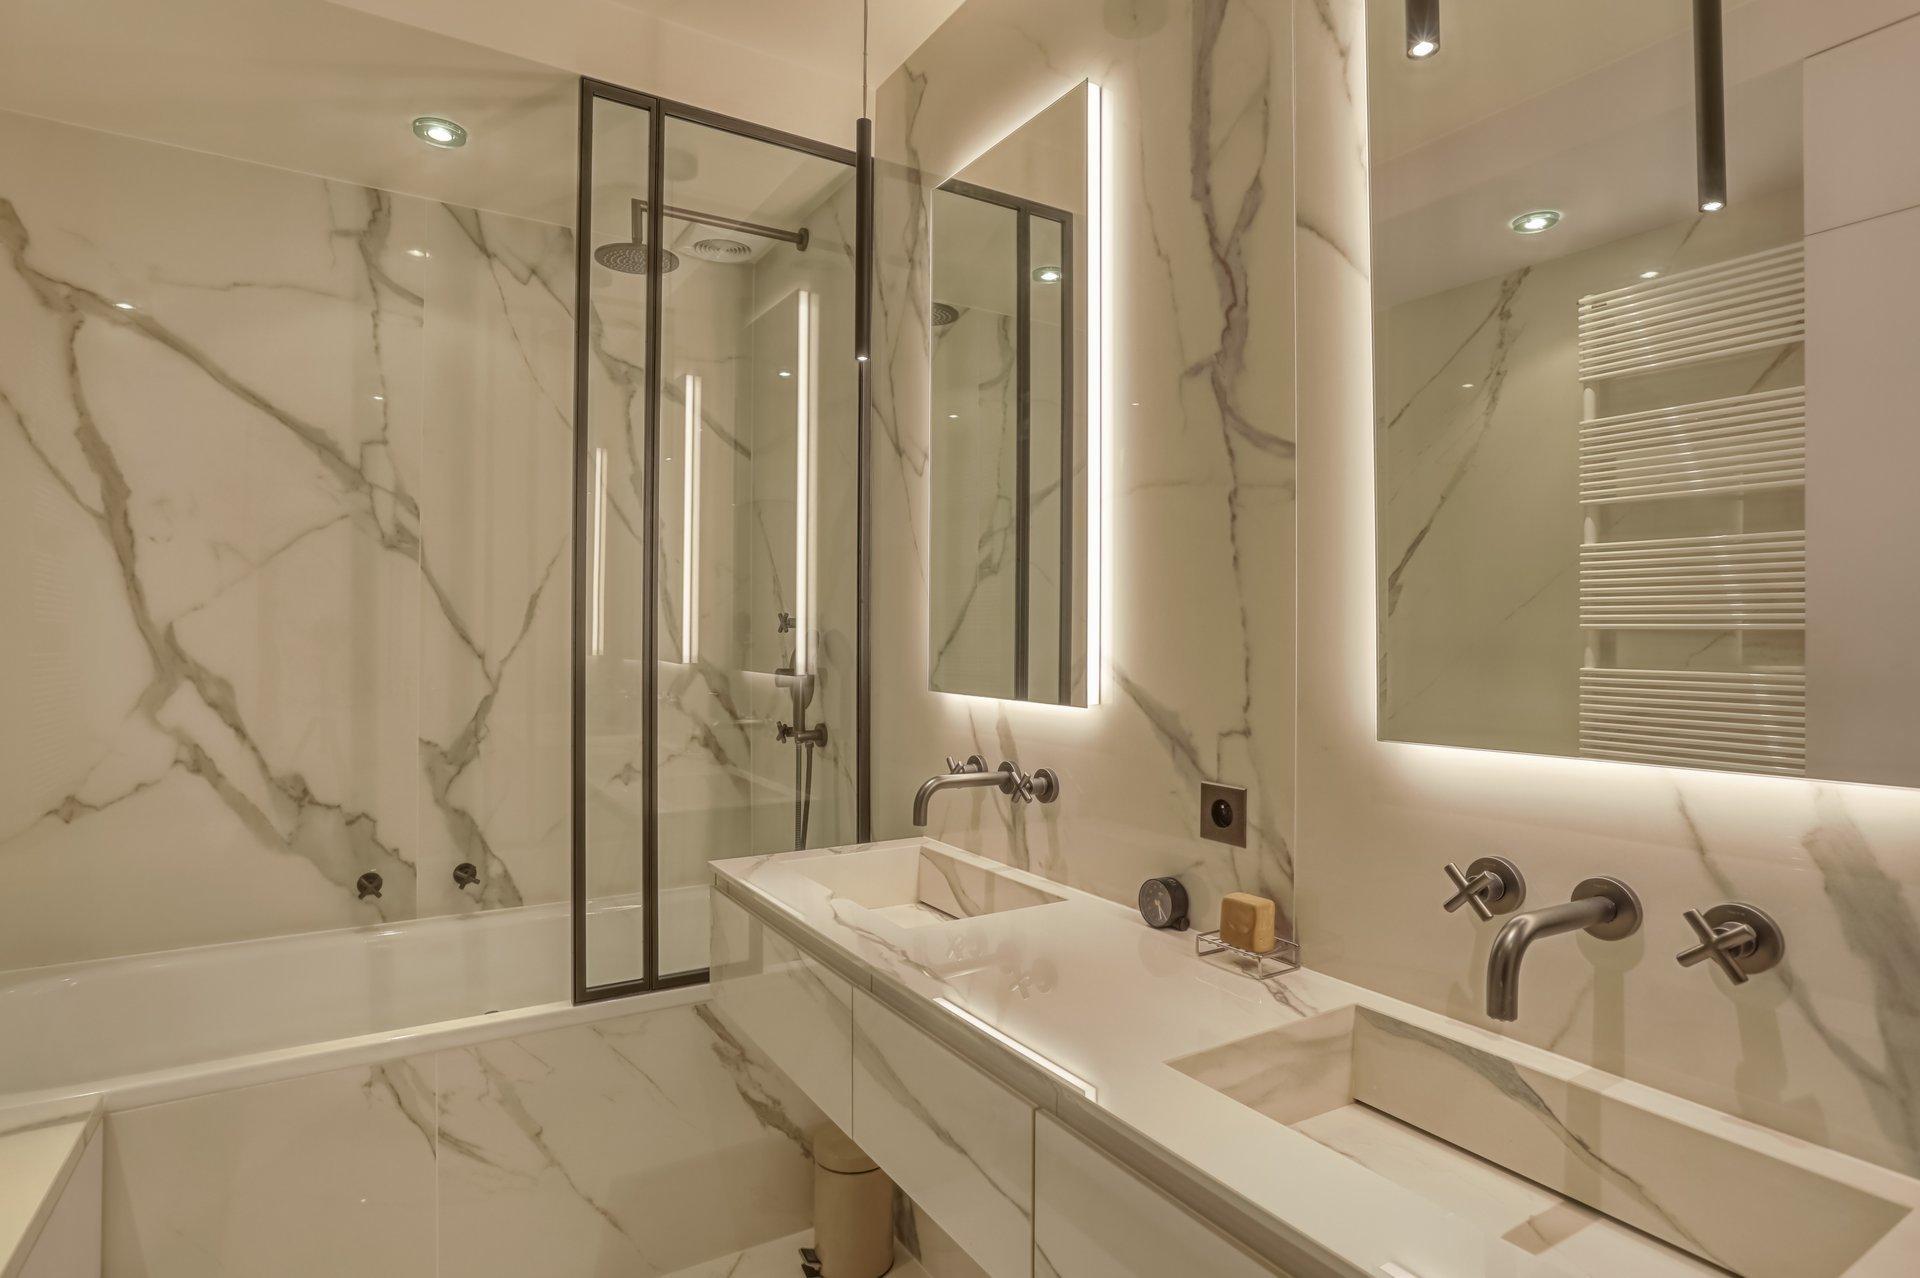 Sale Apartment - Paris 10th (Paris 10ème) Porte-Saint-Denis